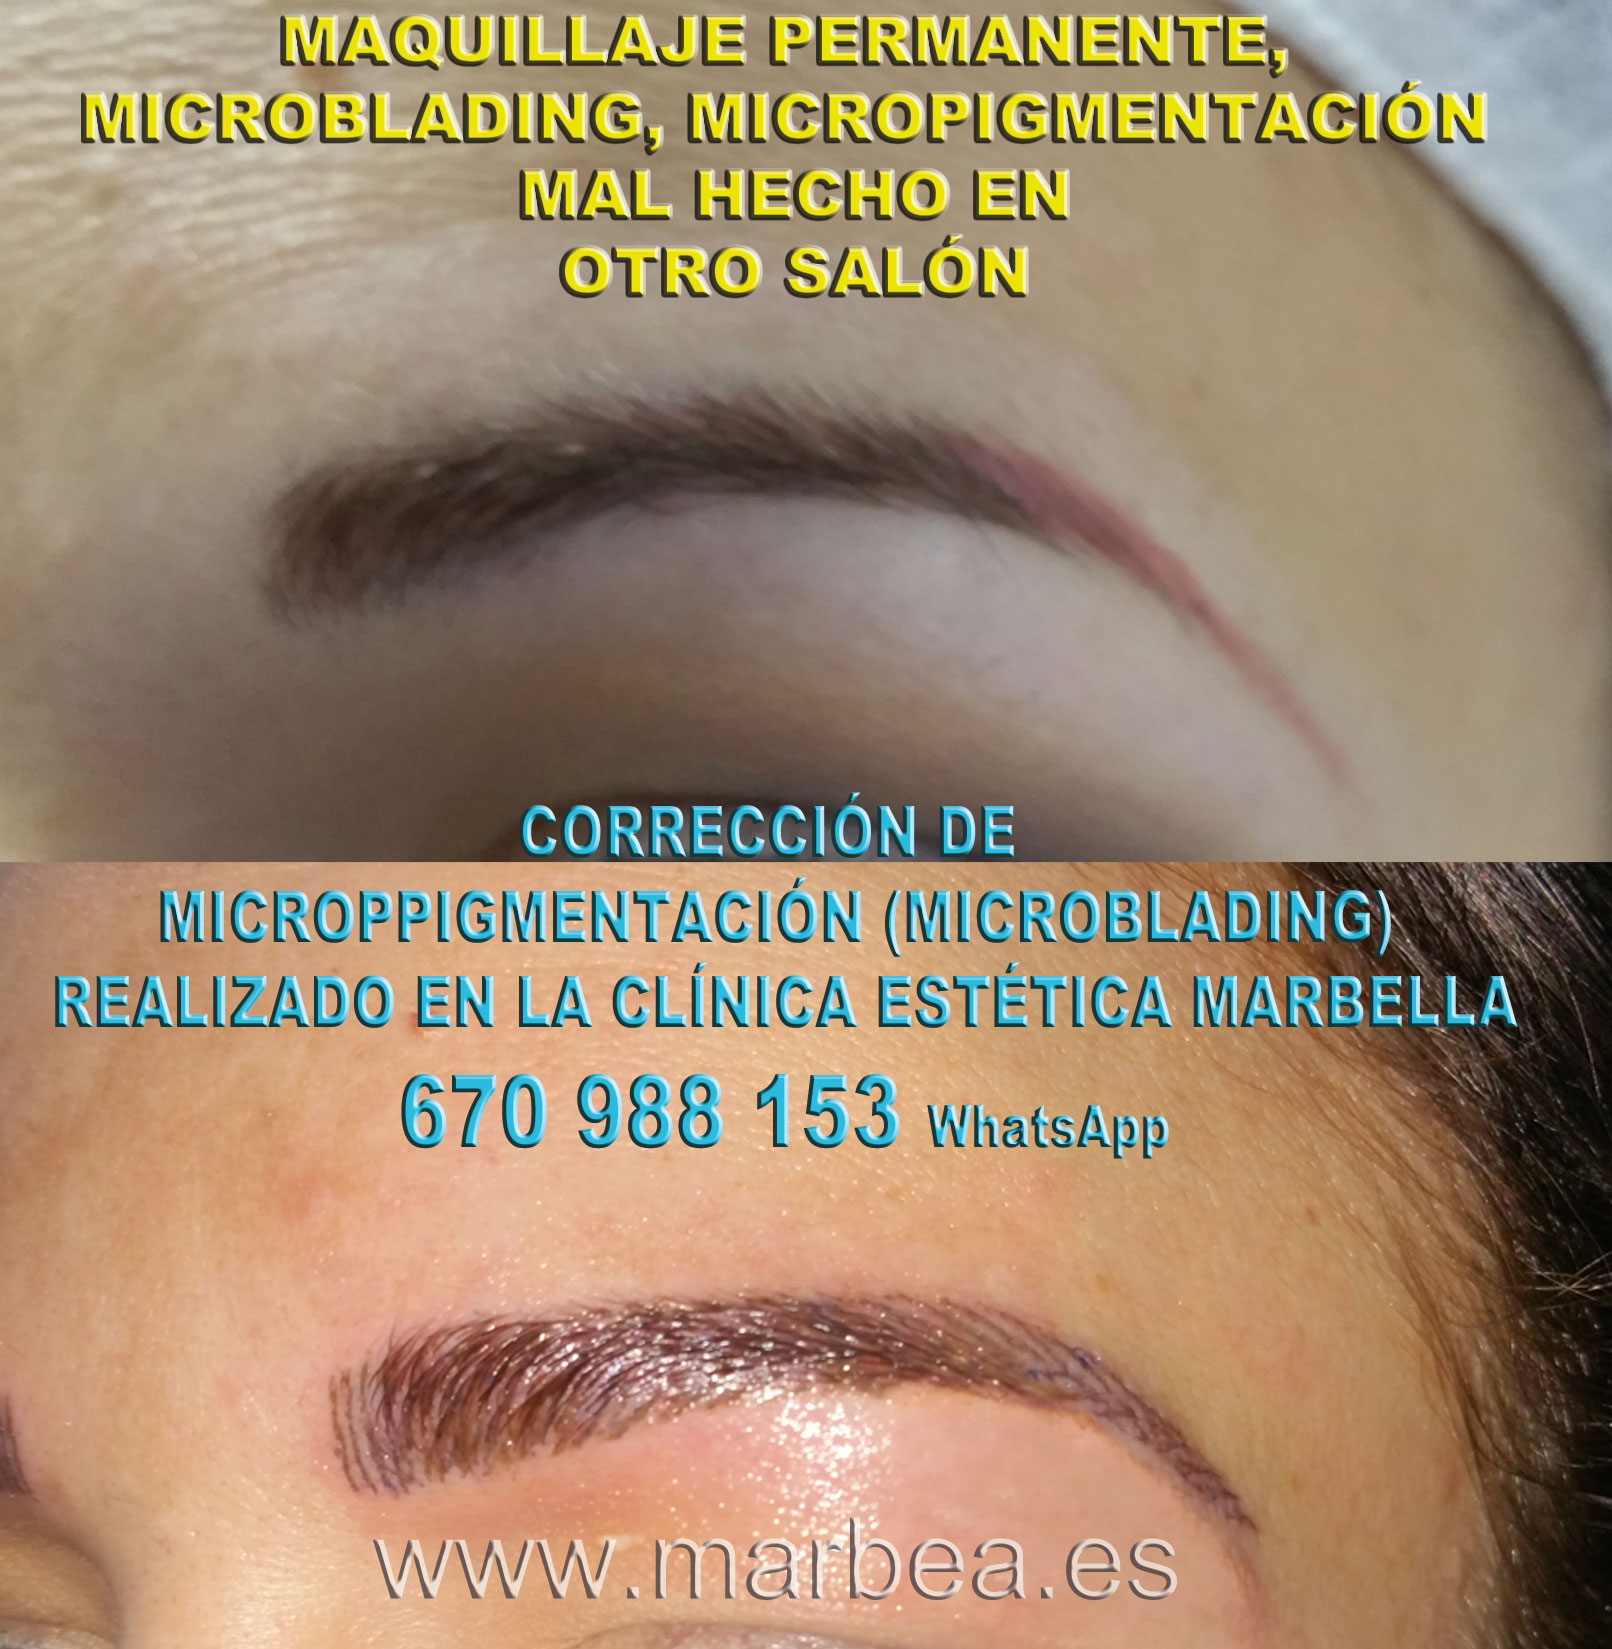 MAQUILLAJE PERMANENTE CEJAS MAL HECHO clínica estética maquillaje permanete entrega eliminar la micropigmentación de cejas,corregir micropigmentación no deseada